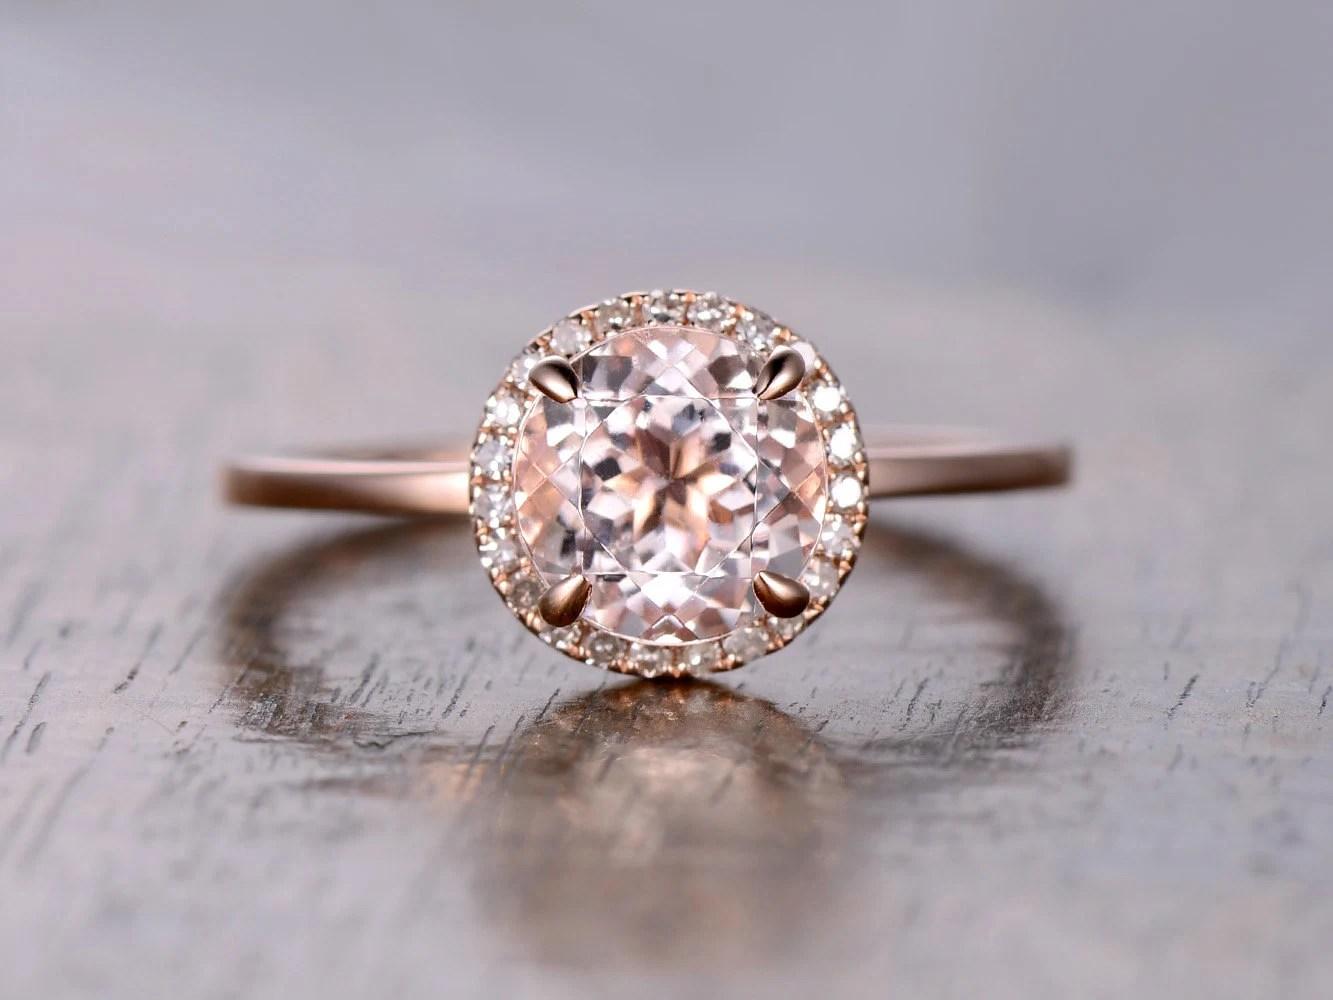 7mm Round Cut Pink Morganite RingMorganite Engagement